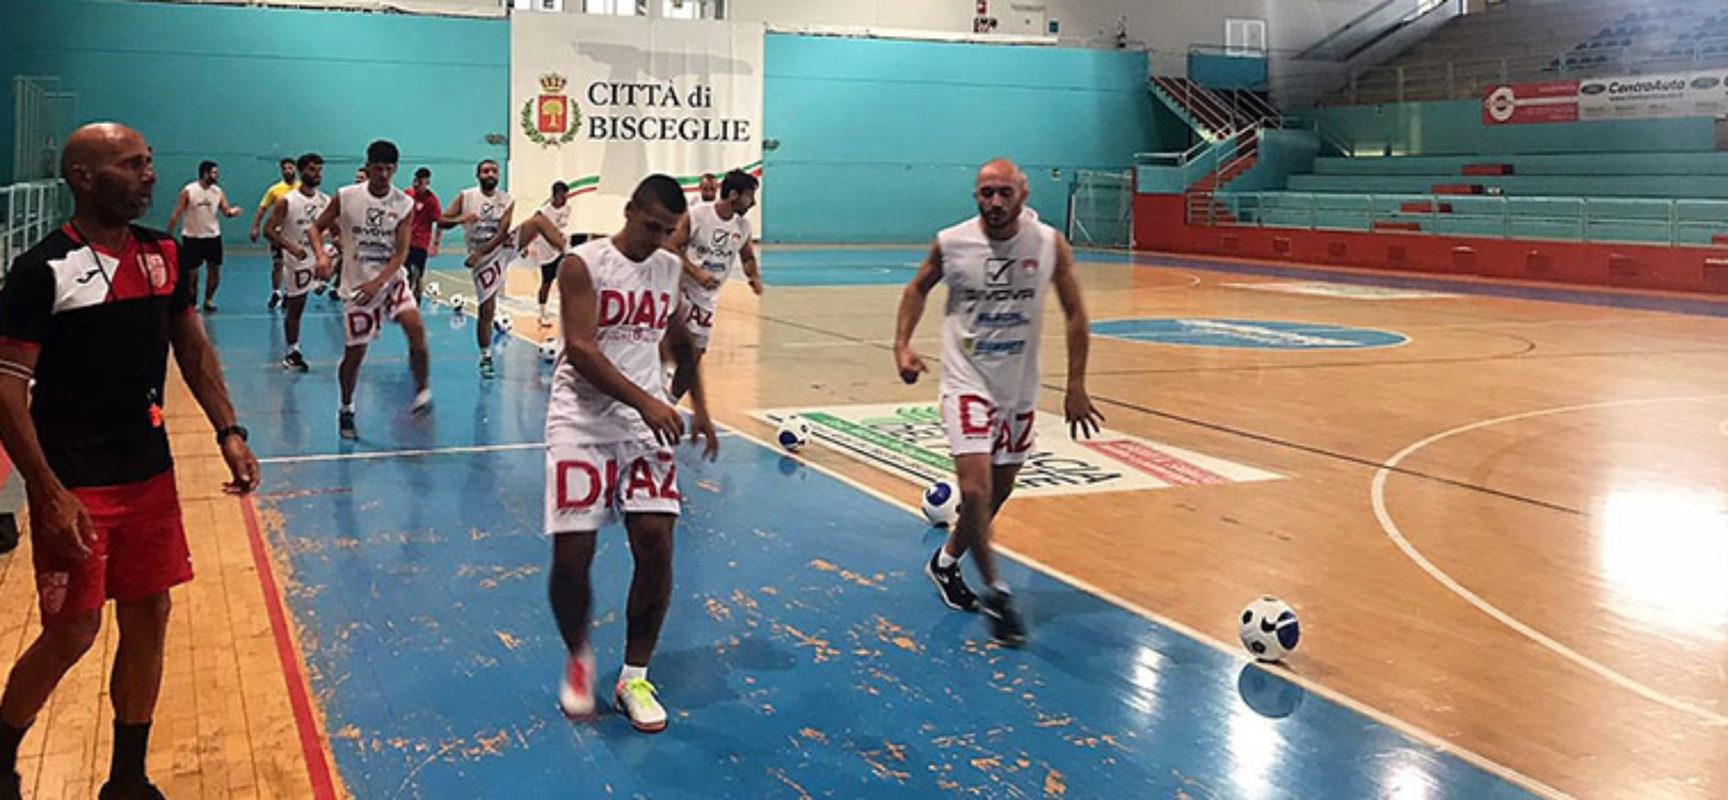 Prosegue il lavoro della Diaz in vista delle gare ufficiali